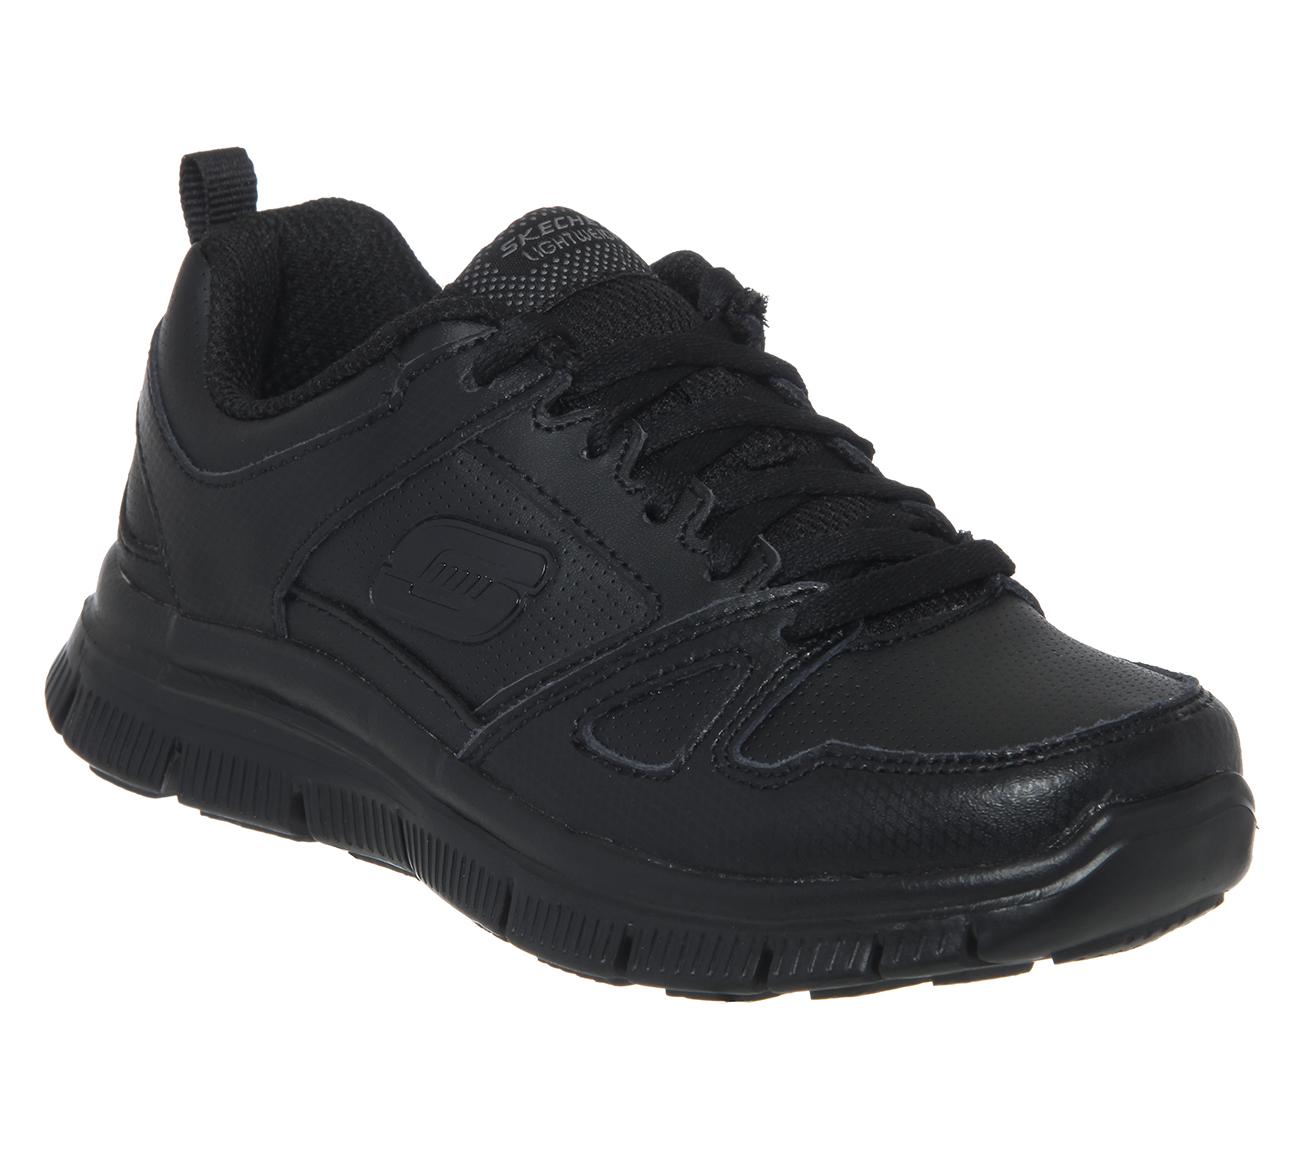 Zapatos escolares Skechers Zapatos Multicolor para Niños | eBay